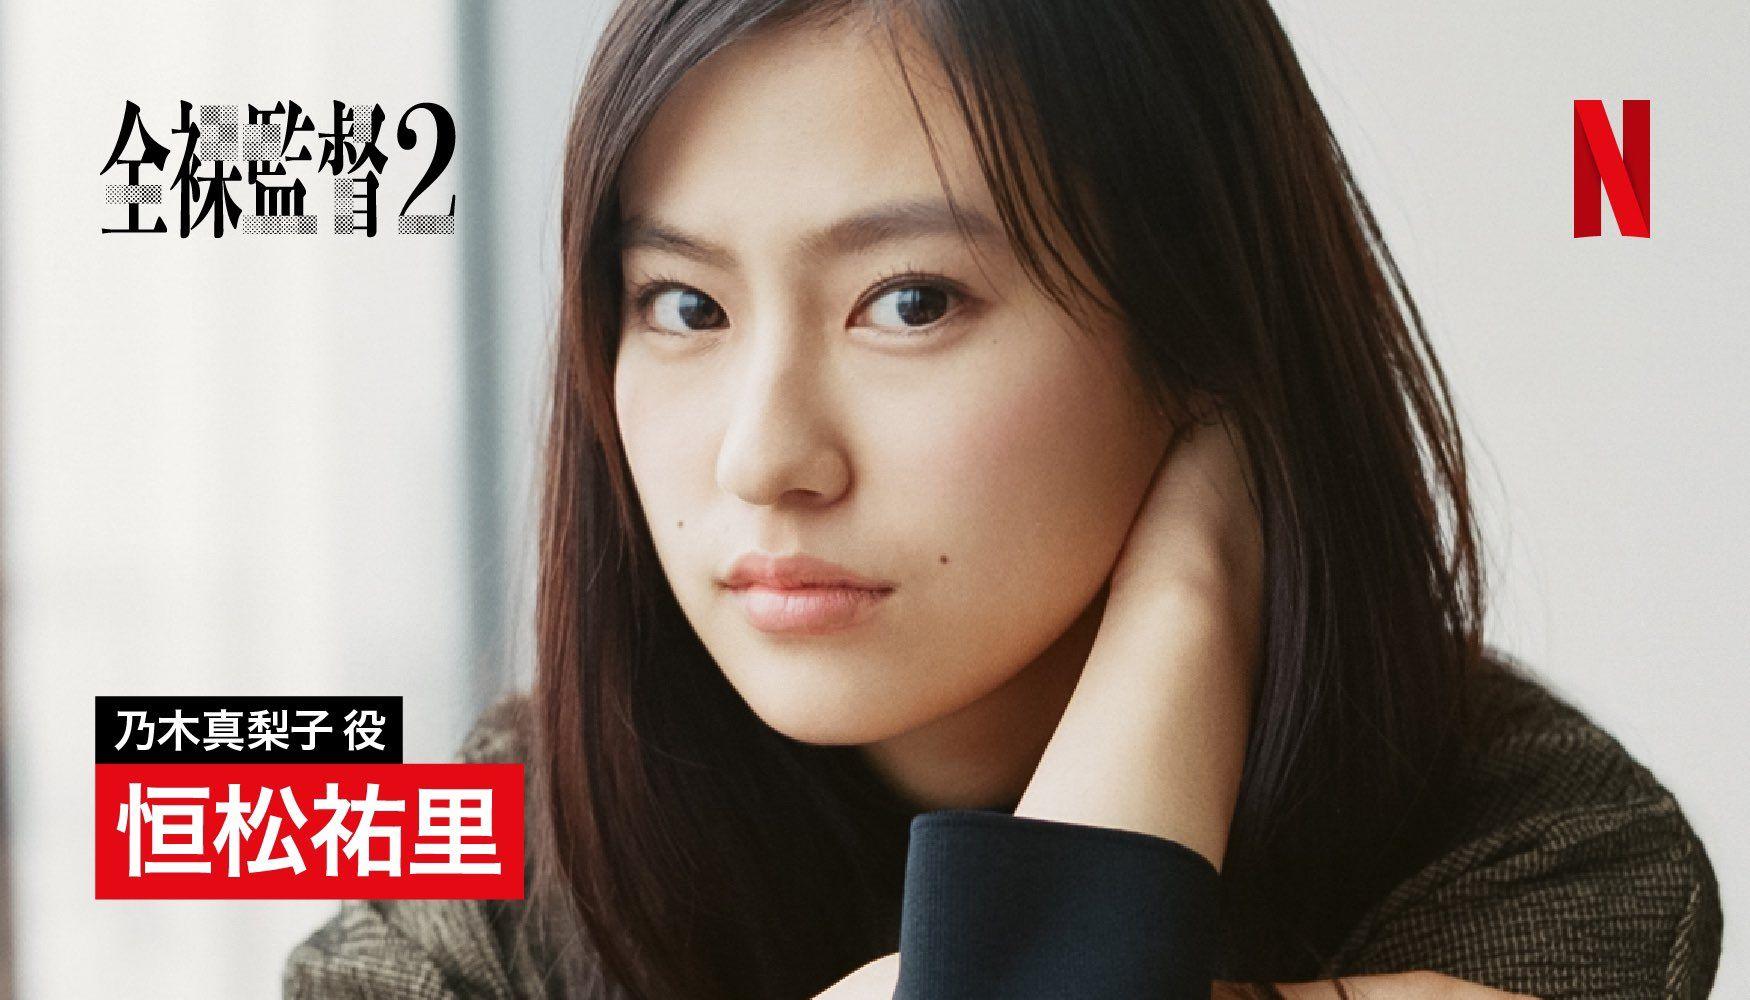 『全裸監督』とNHK朝ドラ『おかえりモネ』かけ持ち!NHKの「フルオープン」OK前例の画像